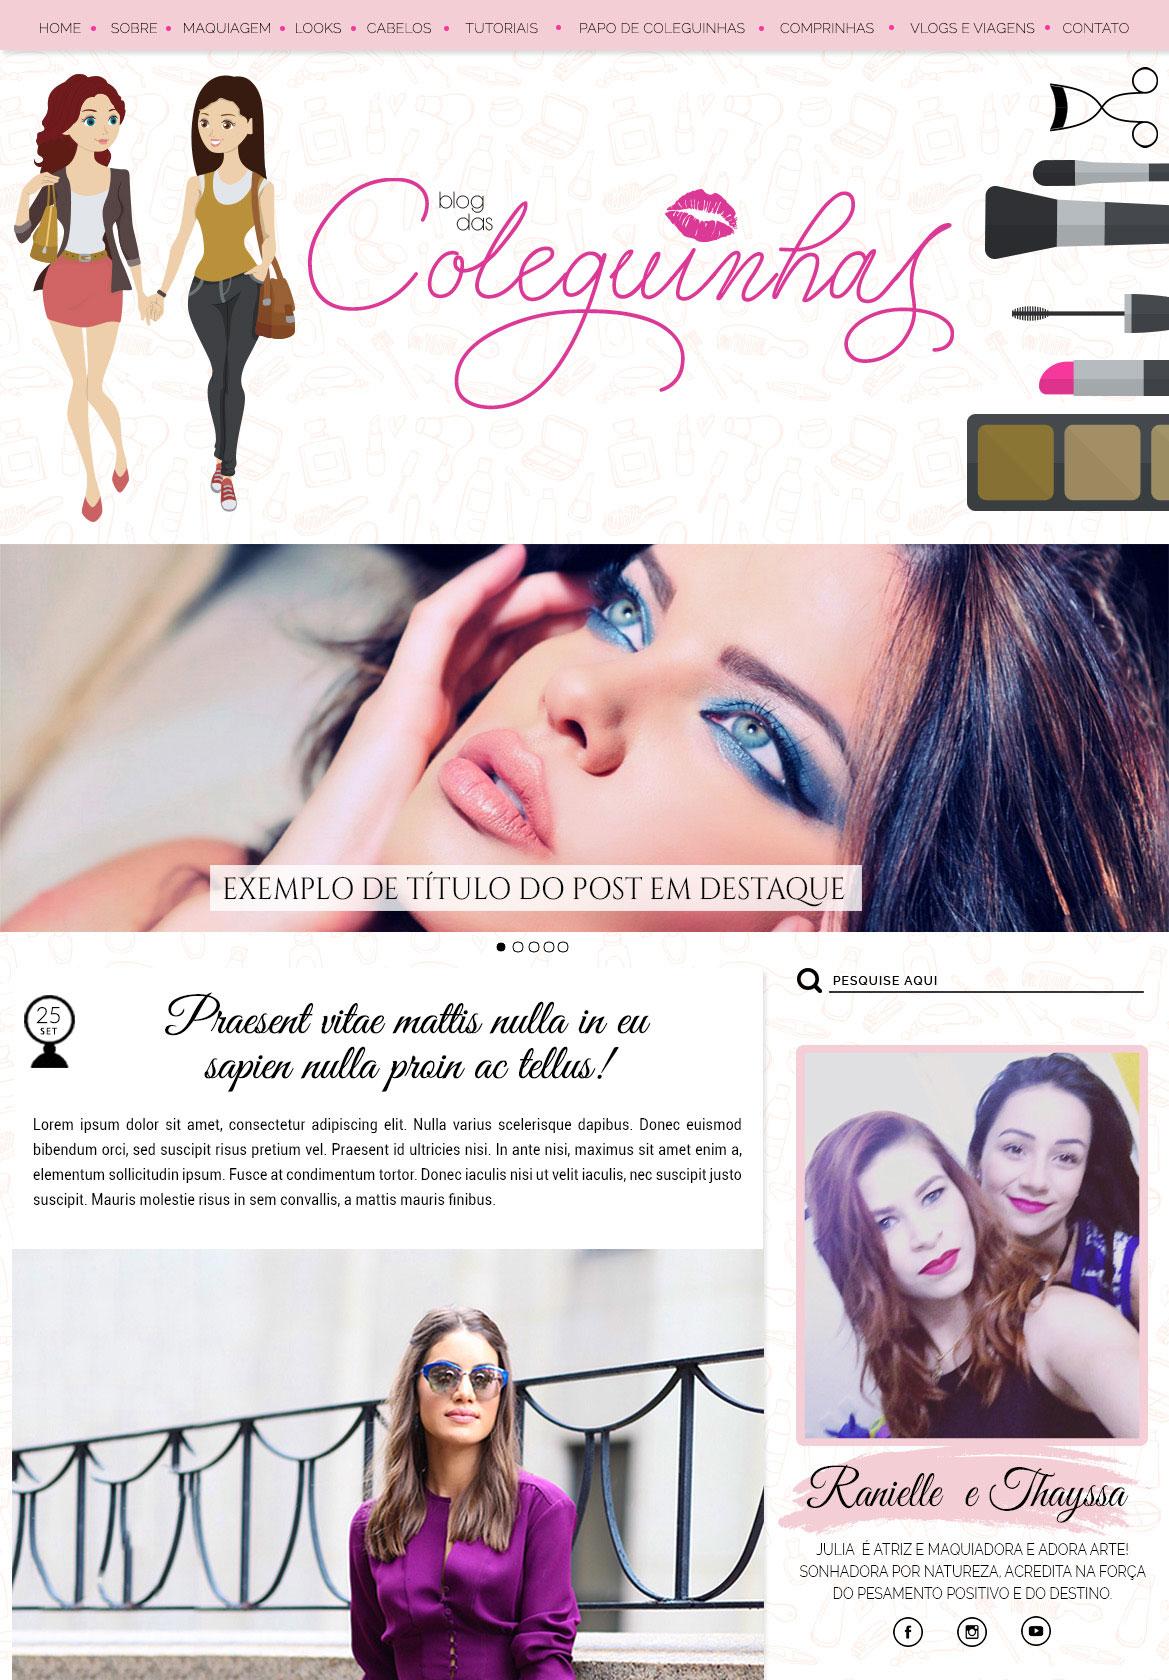 BlogdasColeguinhas-V2-ER